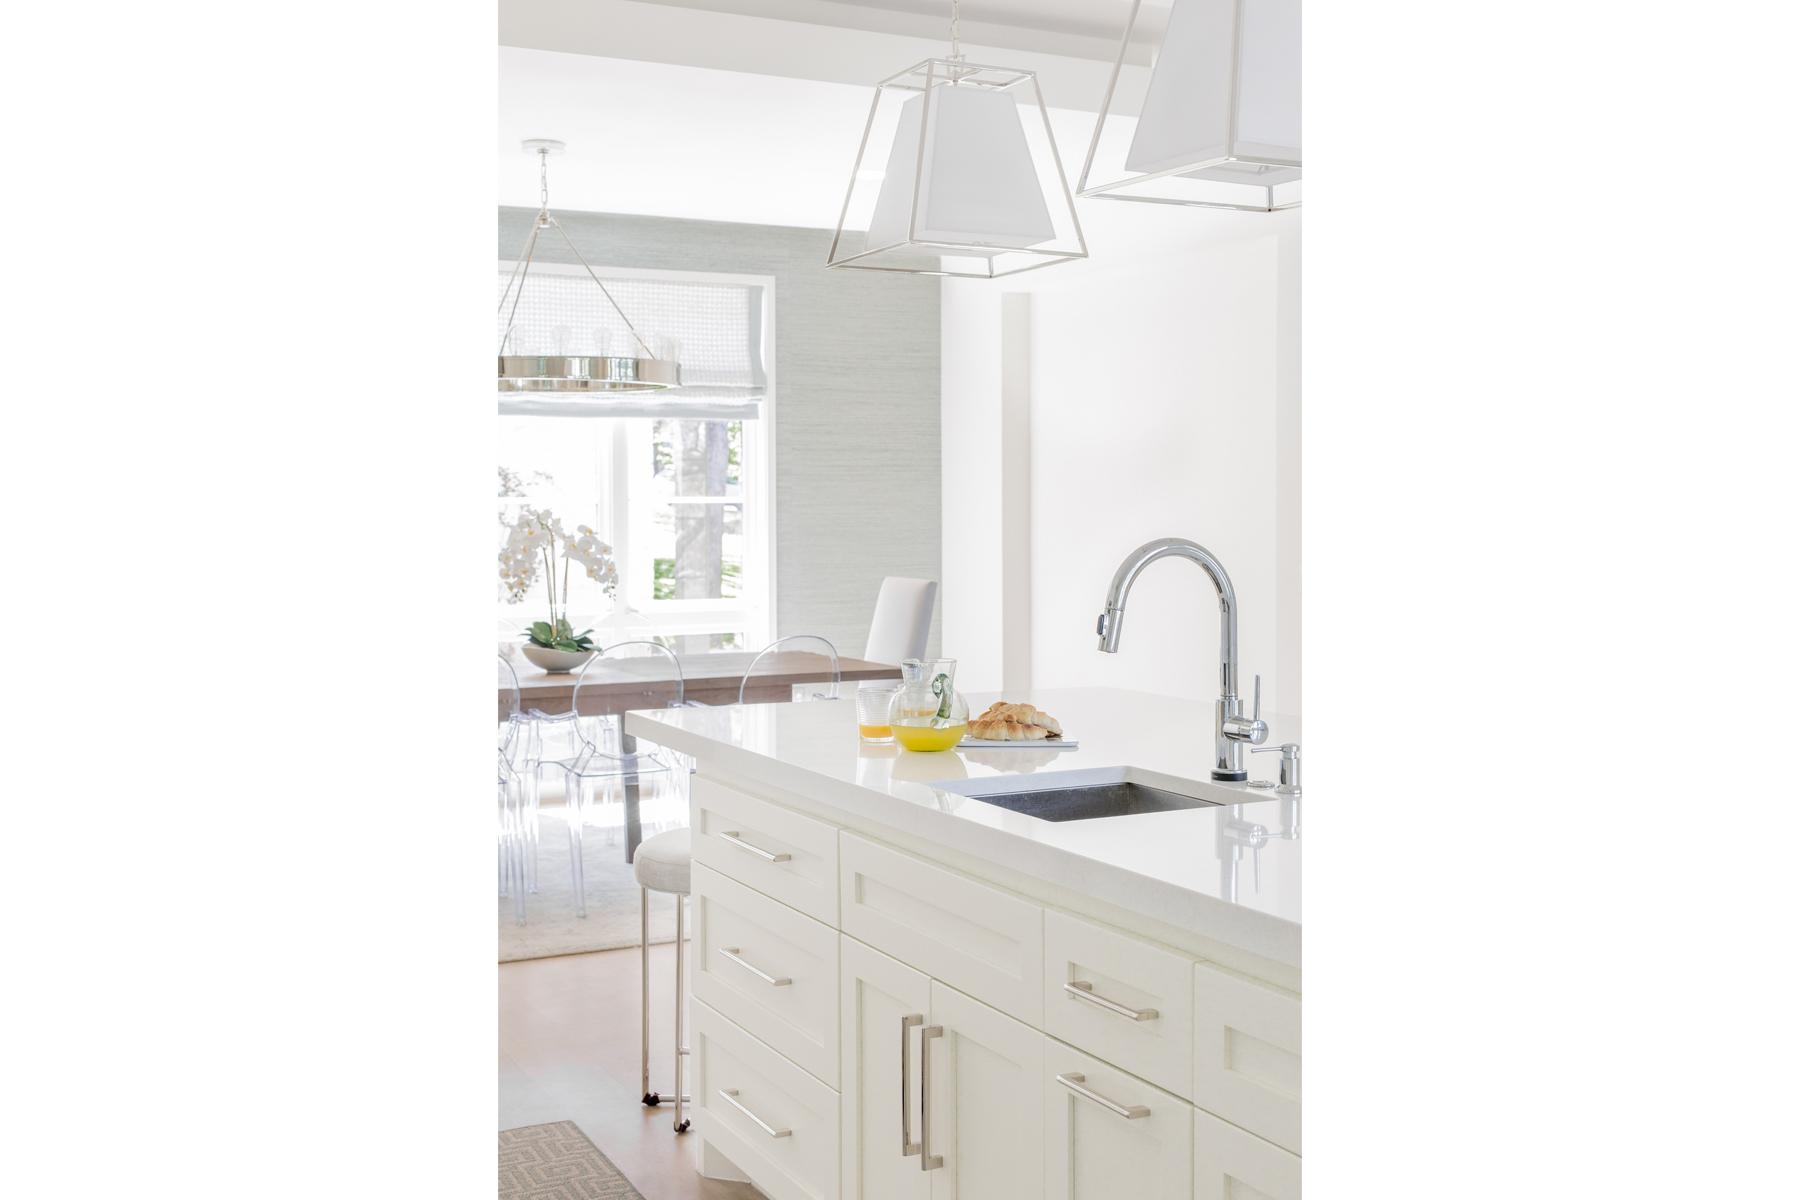 lake-austin-residence-kitchen-sink